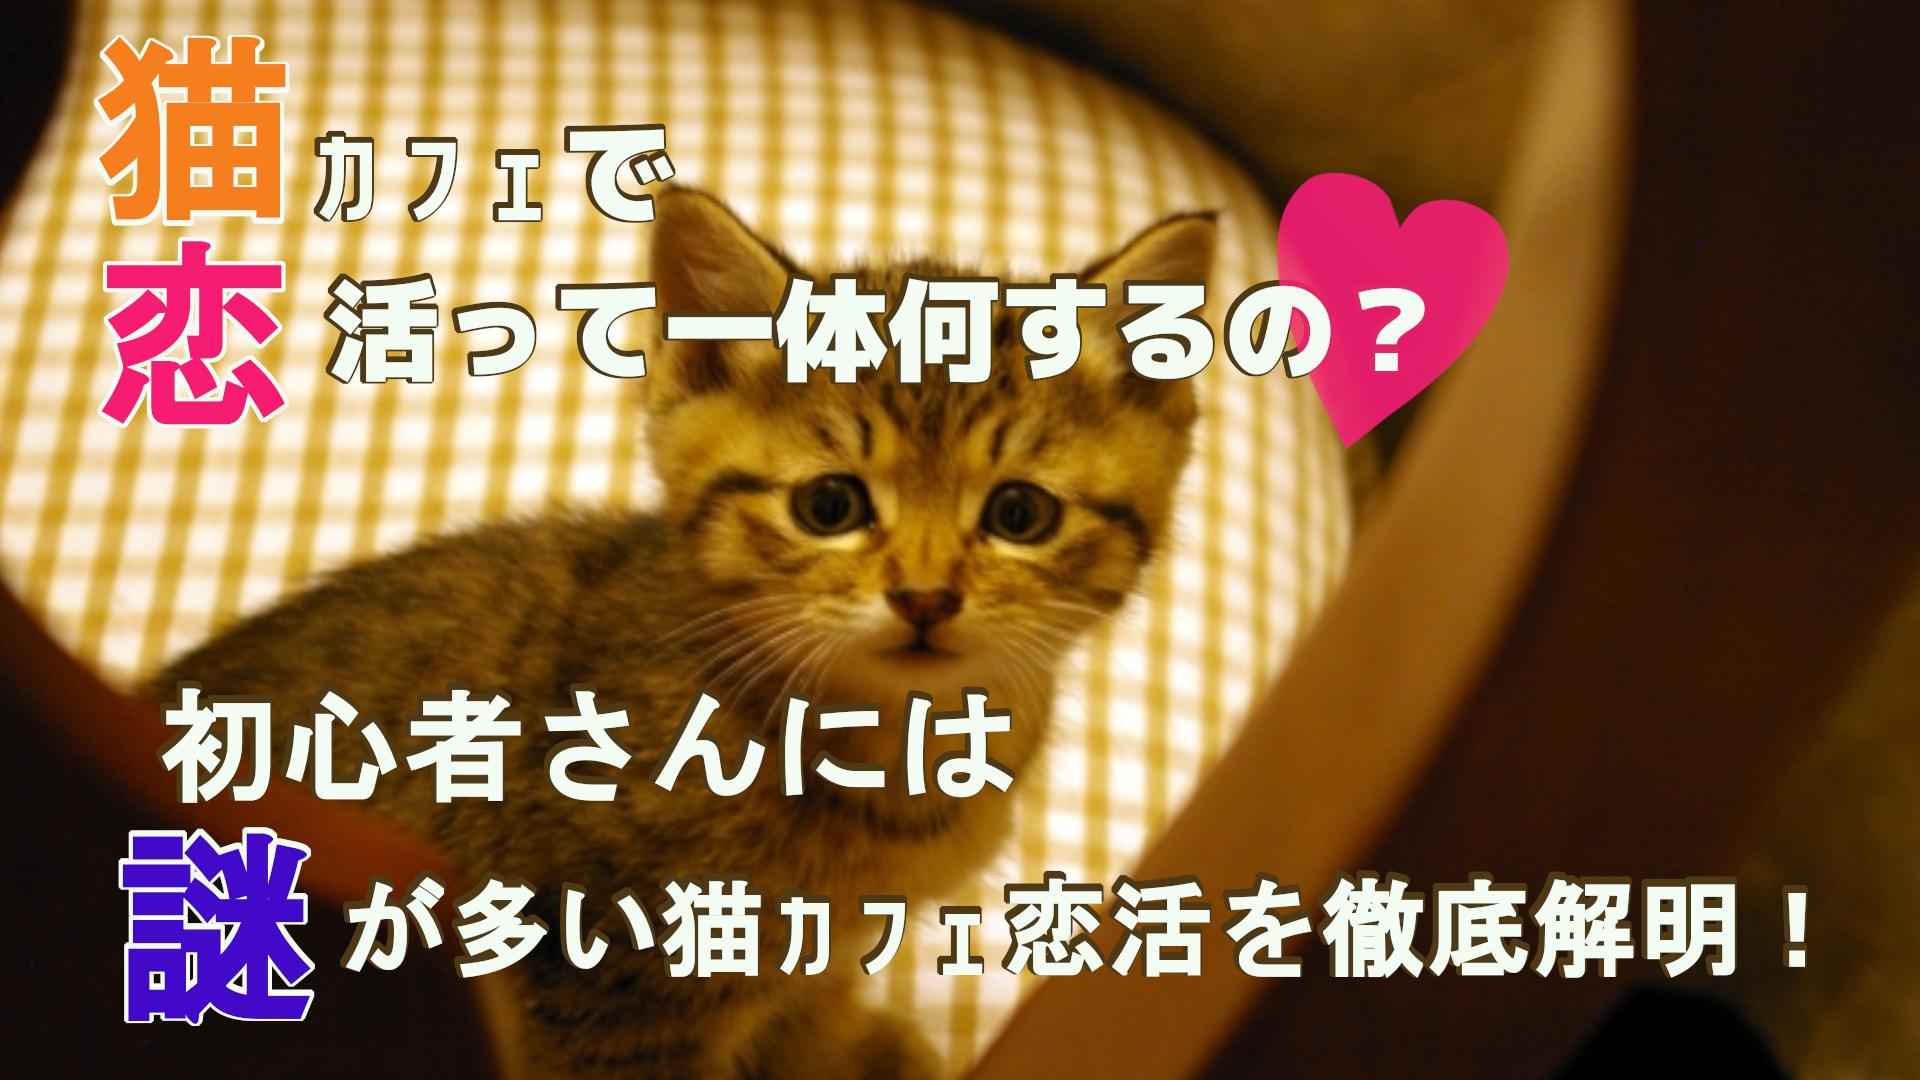 猫カフェで恋活って一体何するの?初心者さんには謎が多い猫カフェ恋活を徹底解明!のサムネイル